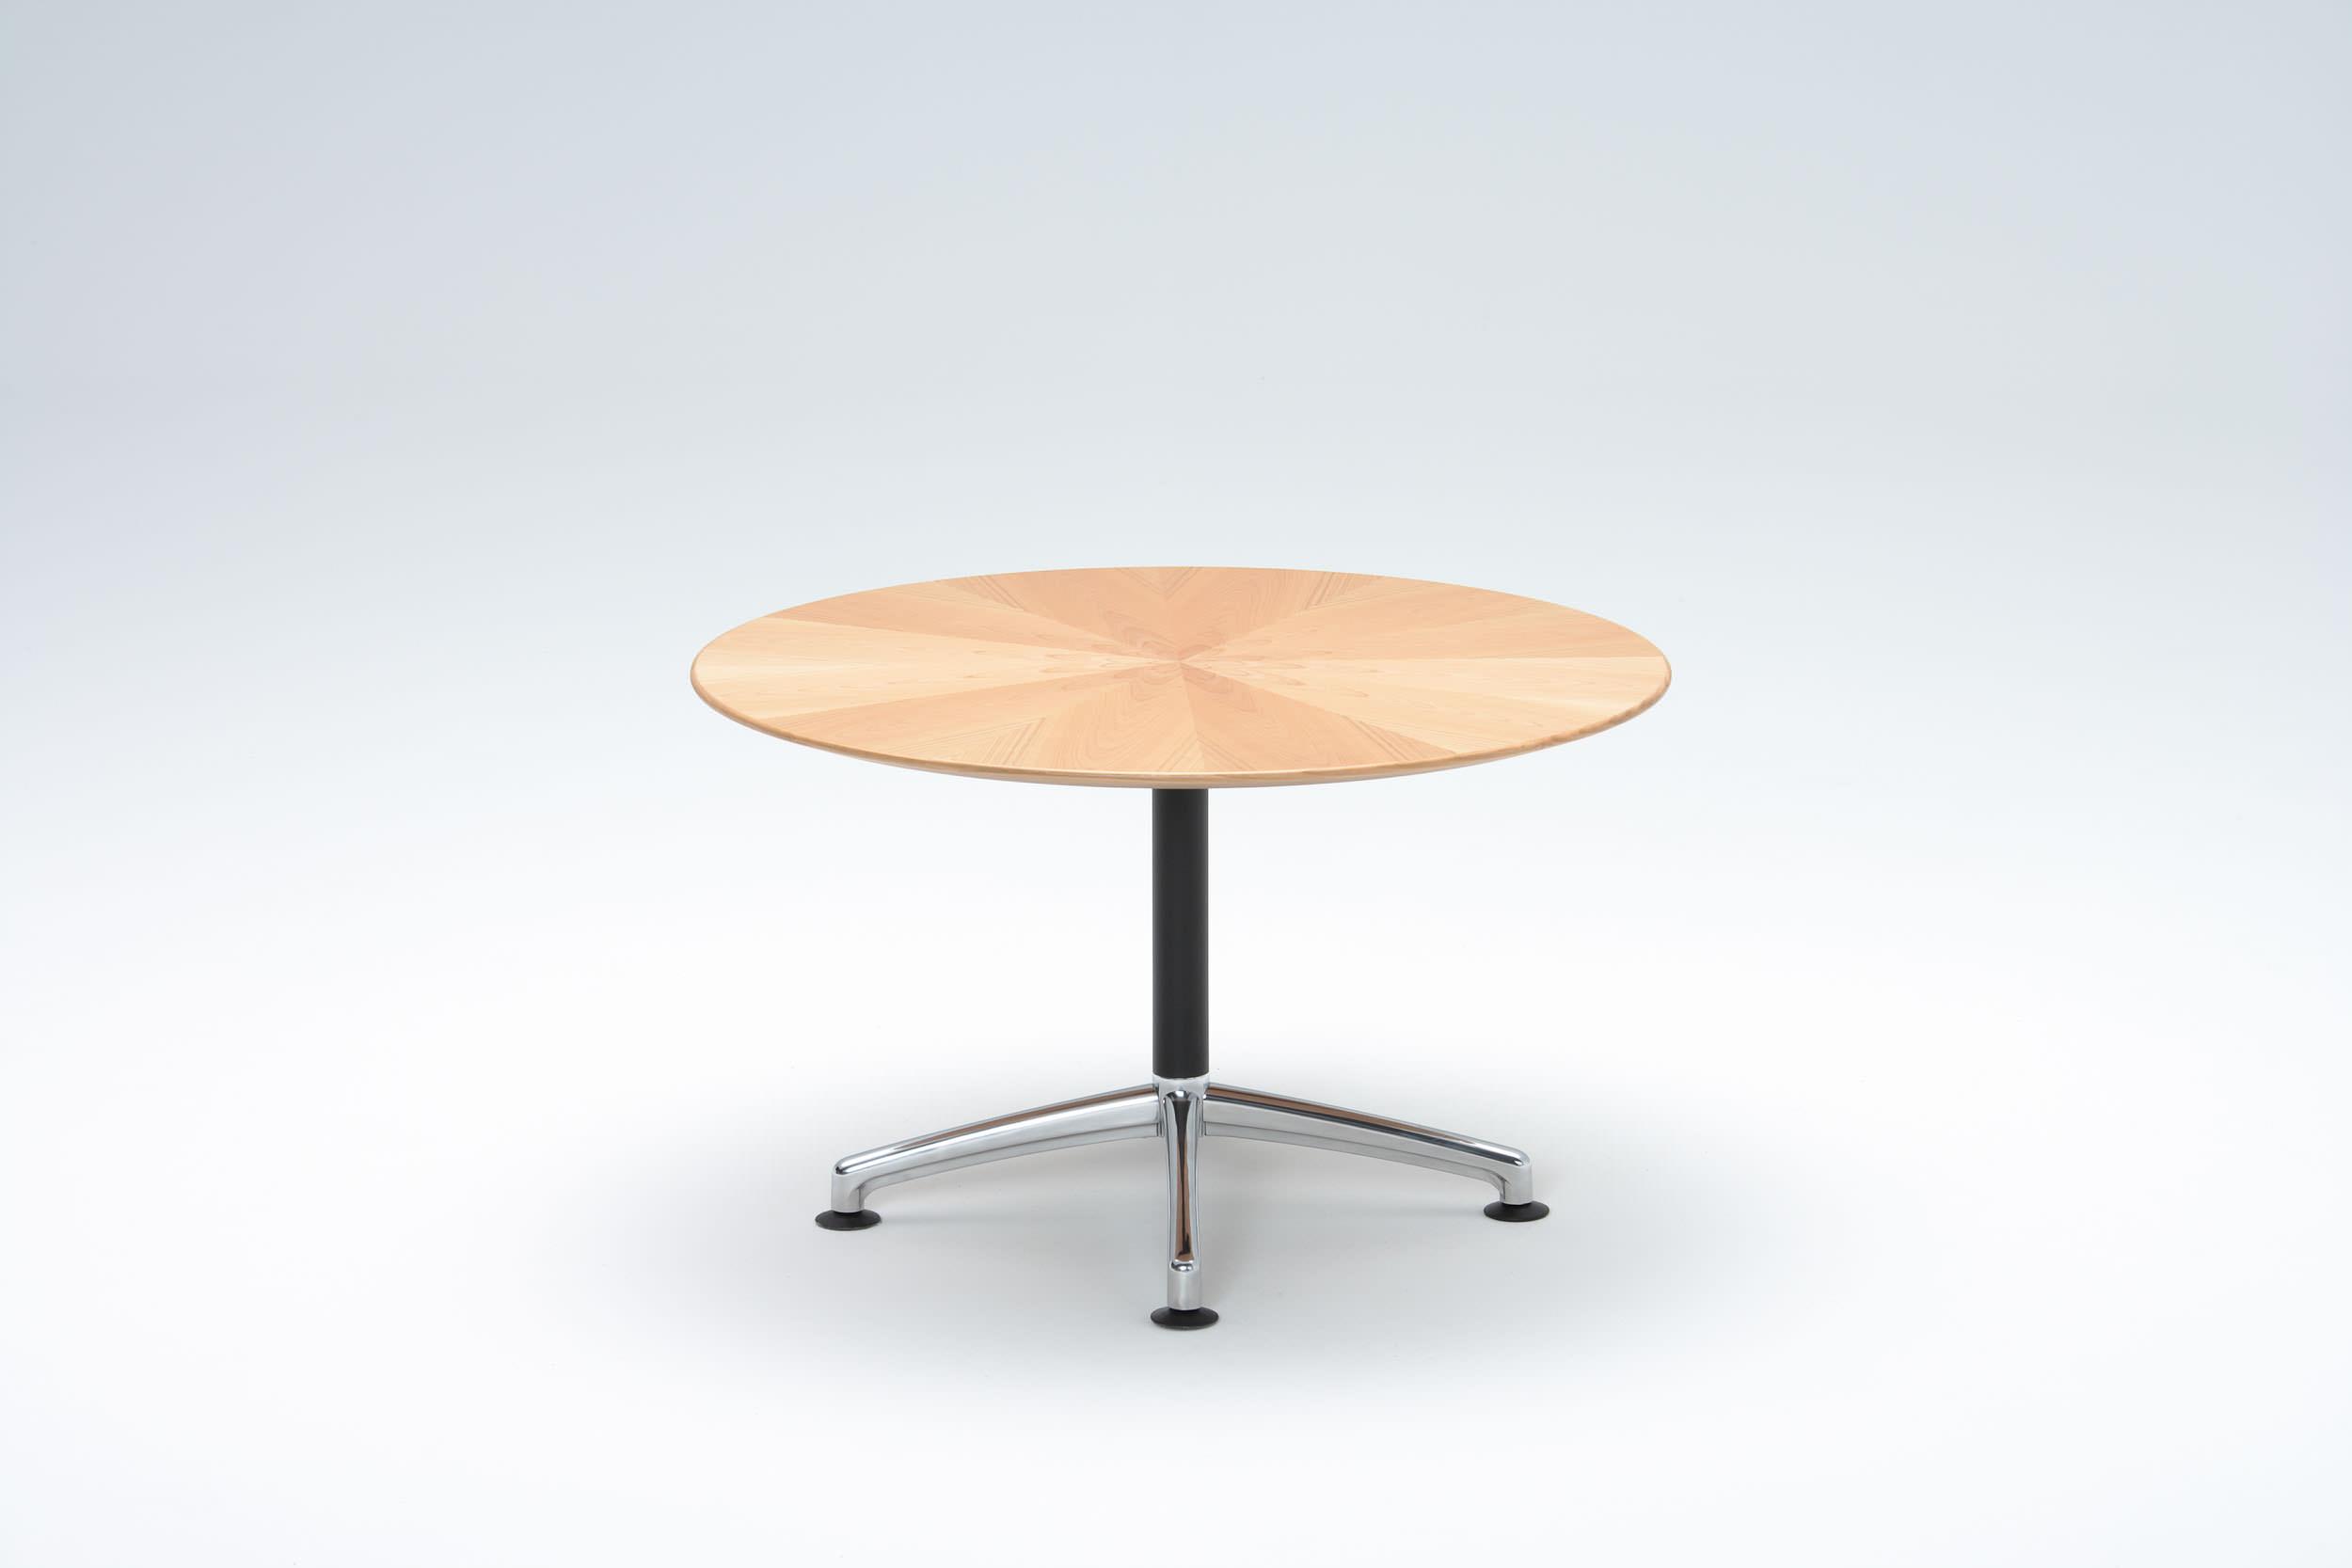 Konferenztische Zurbuchen Ag Amlikon Objekt Raum Design